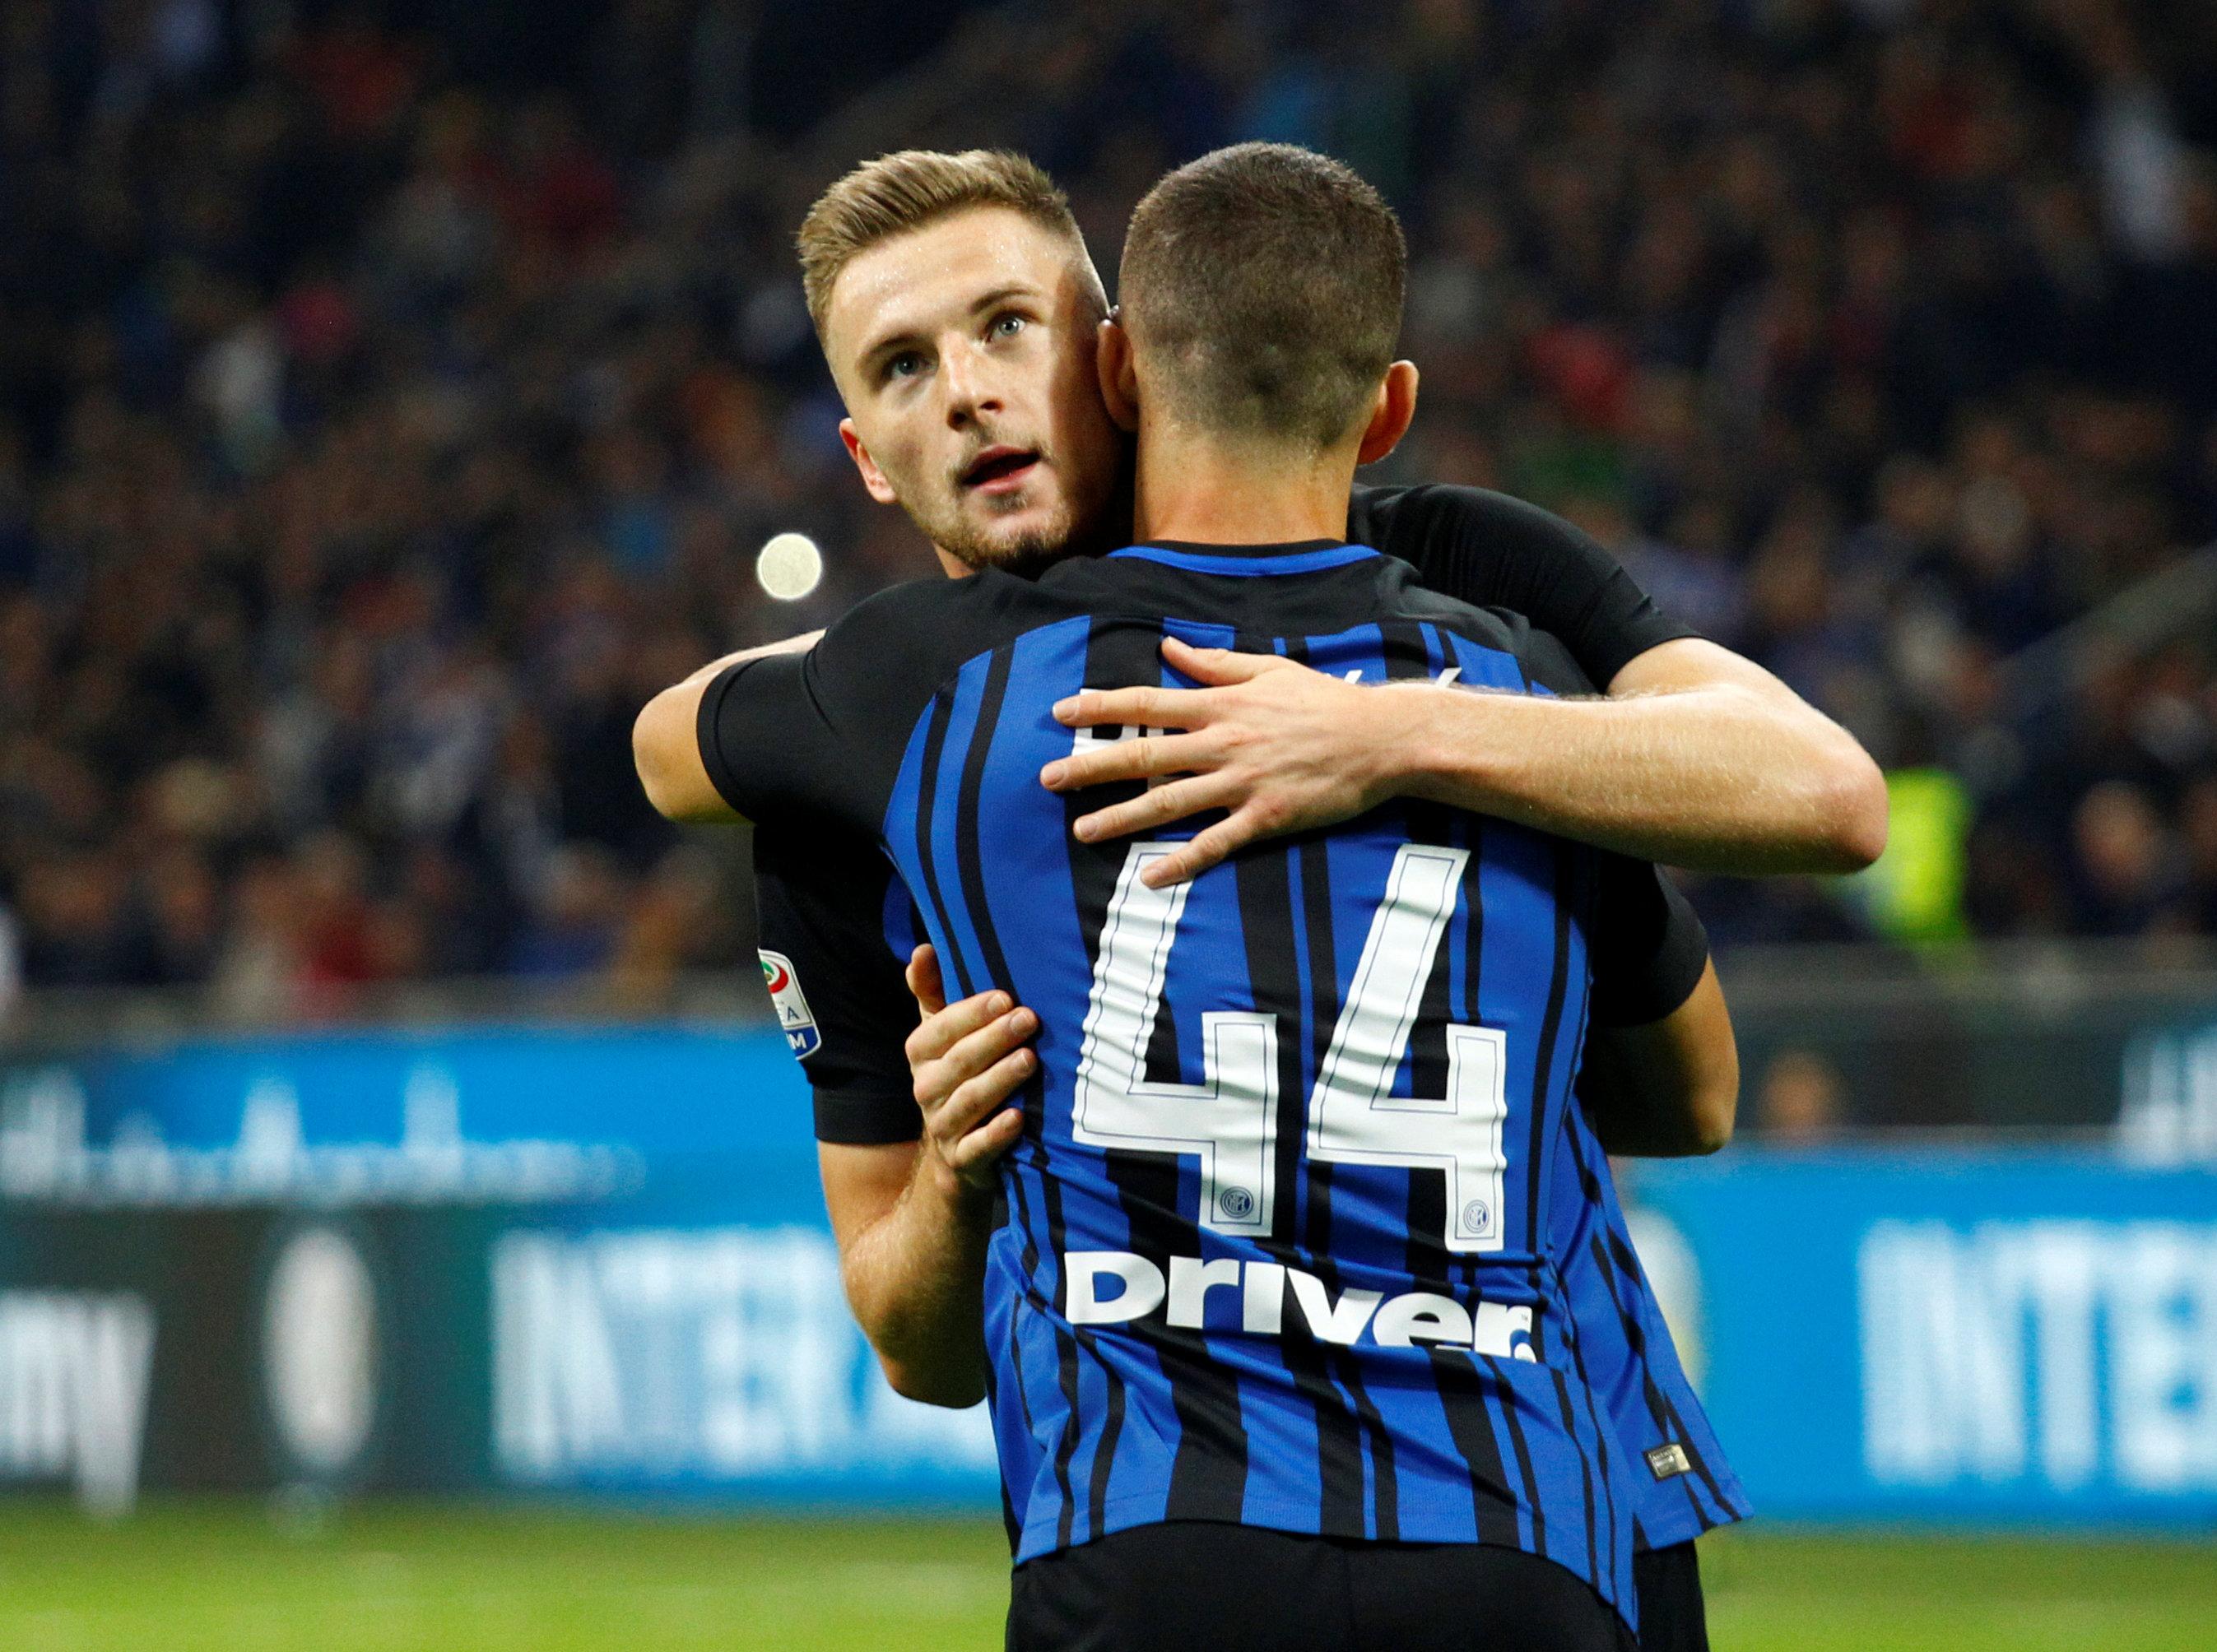 Niềm vui của các cầu thủ Inter sau khi Skriniar mở tỉ số. Ảnh: REUTERS